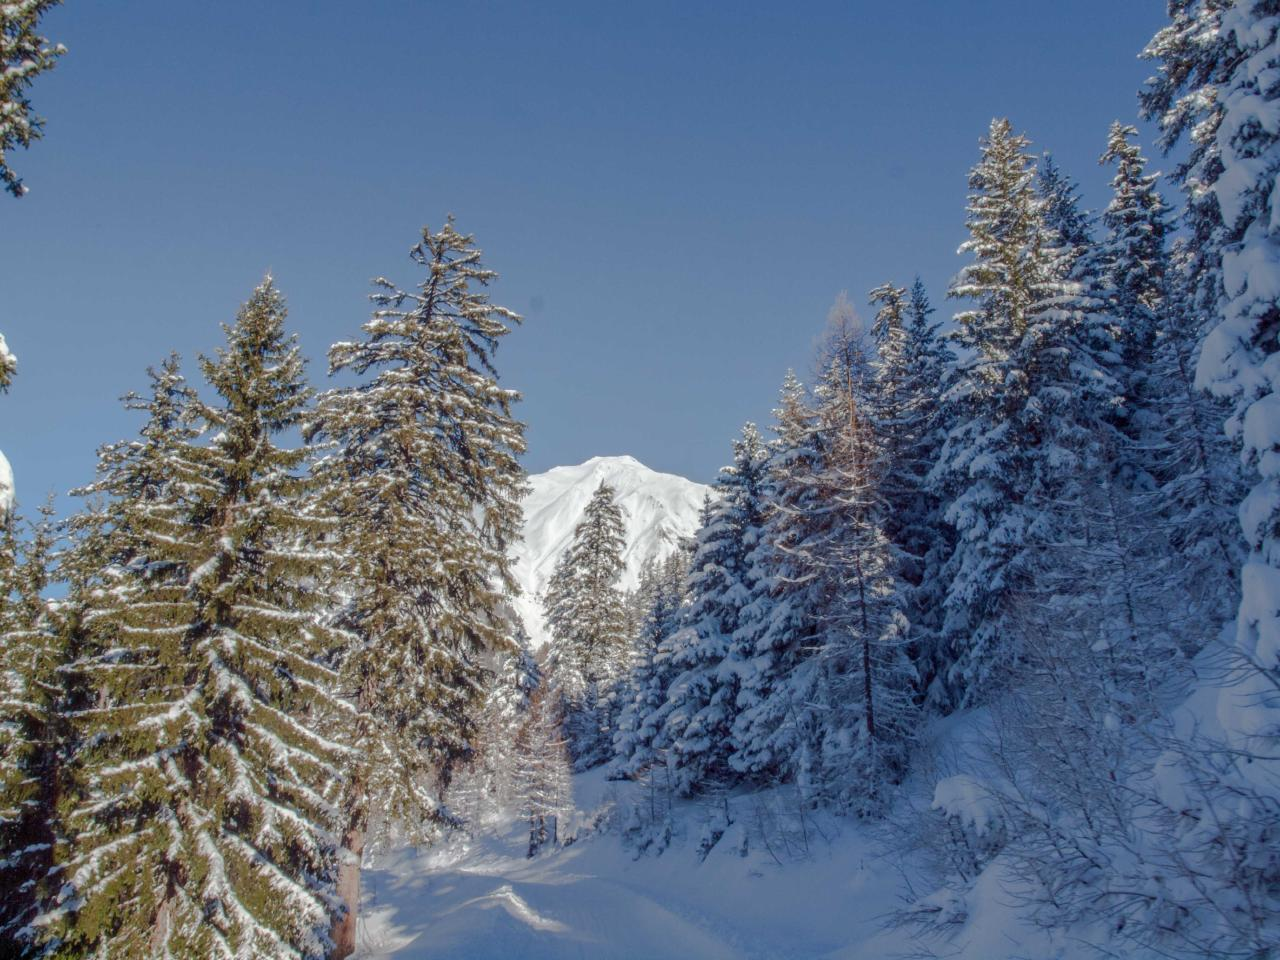 Ferienwohnung Urchiges Walliserchalet auf Rosswald | Alphütte OG (2171131), Rosswald, Brig - Simplon, Wallis, Schweiz, Bild 21